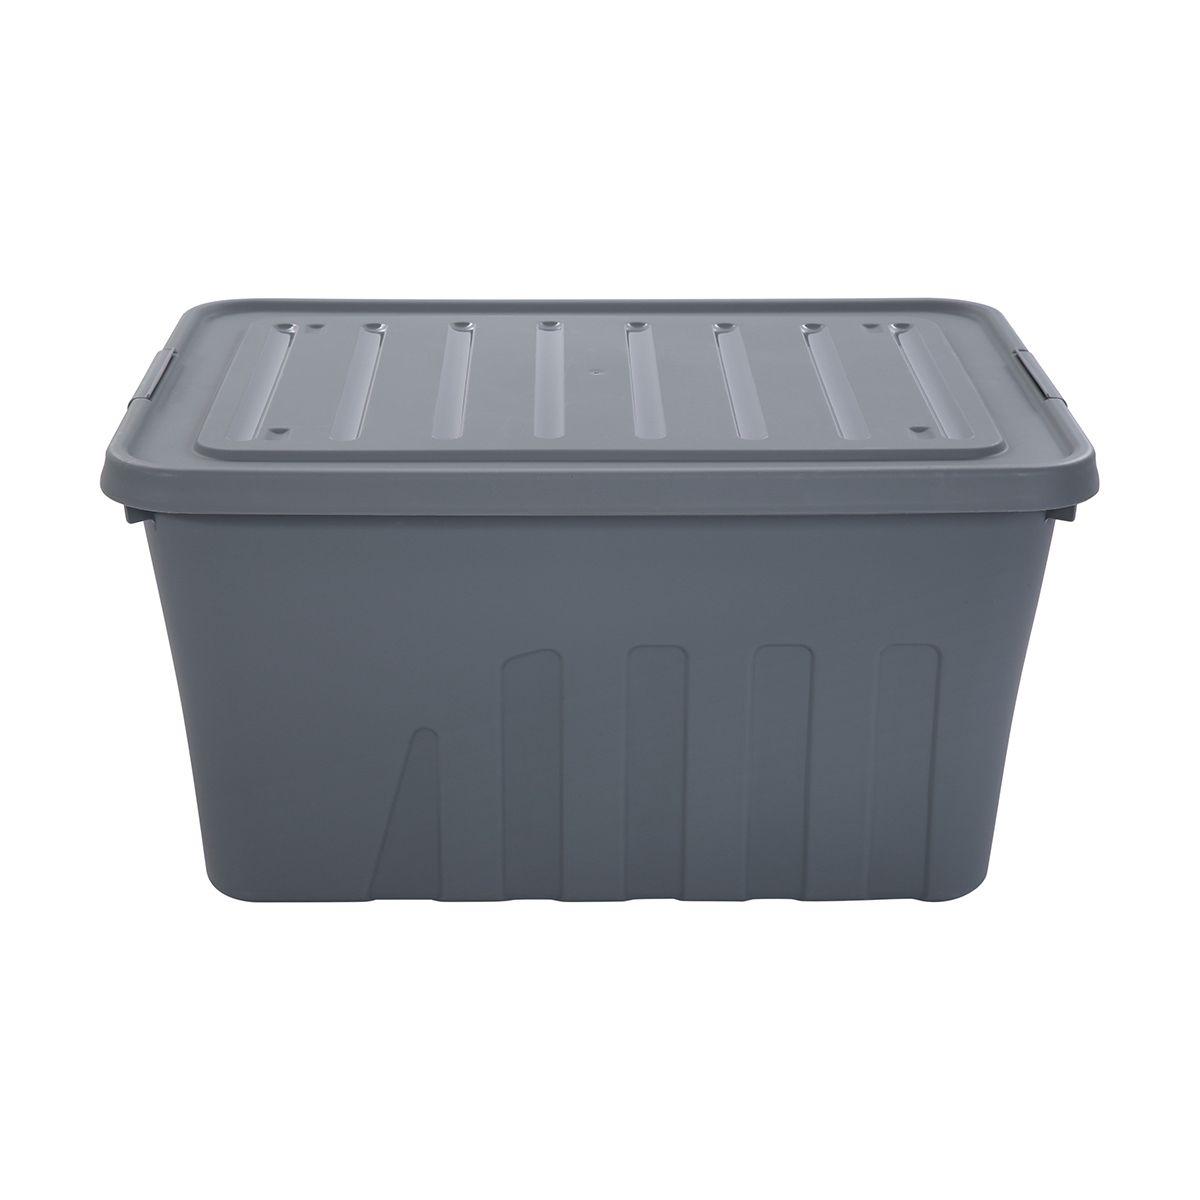 60l Storage Container On Wheels Kmart Storage Storage And Organization Storage Containers